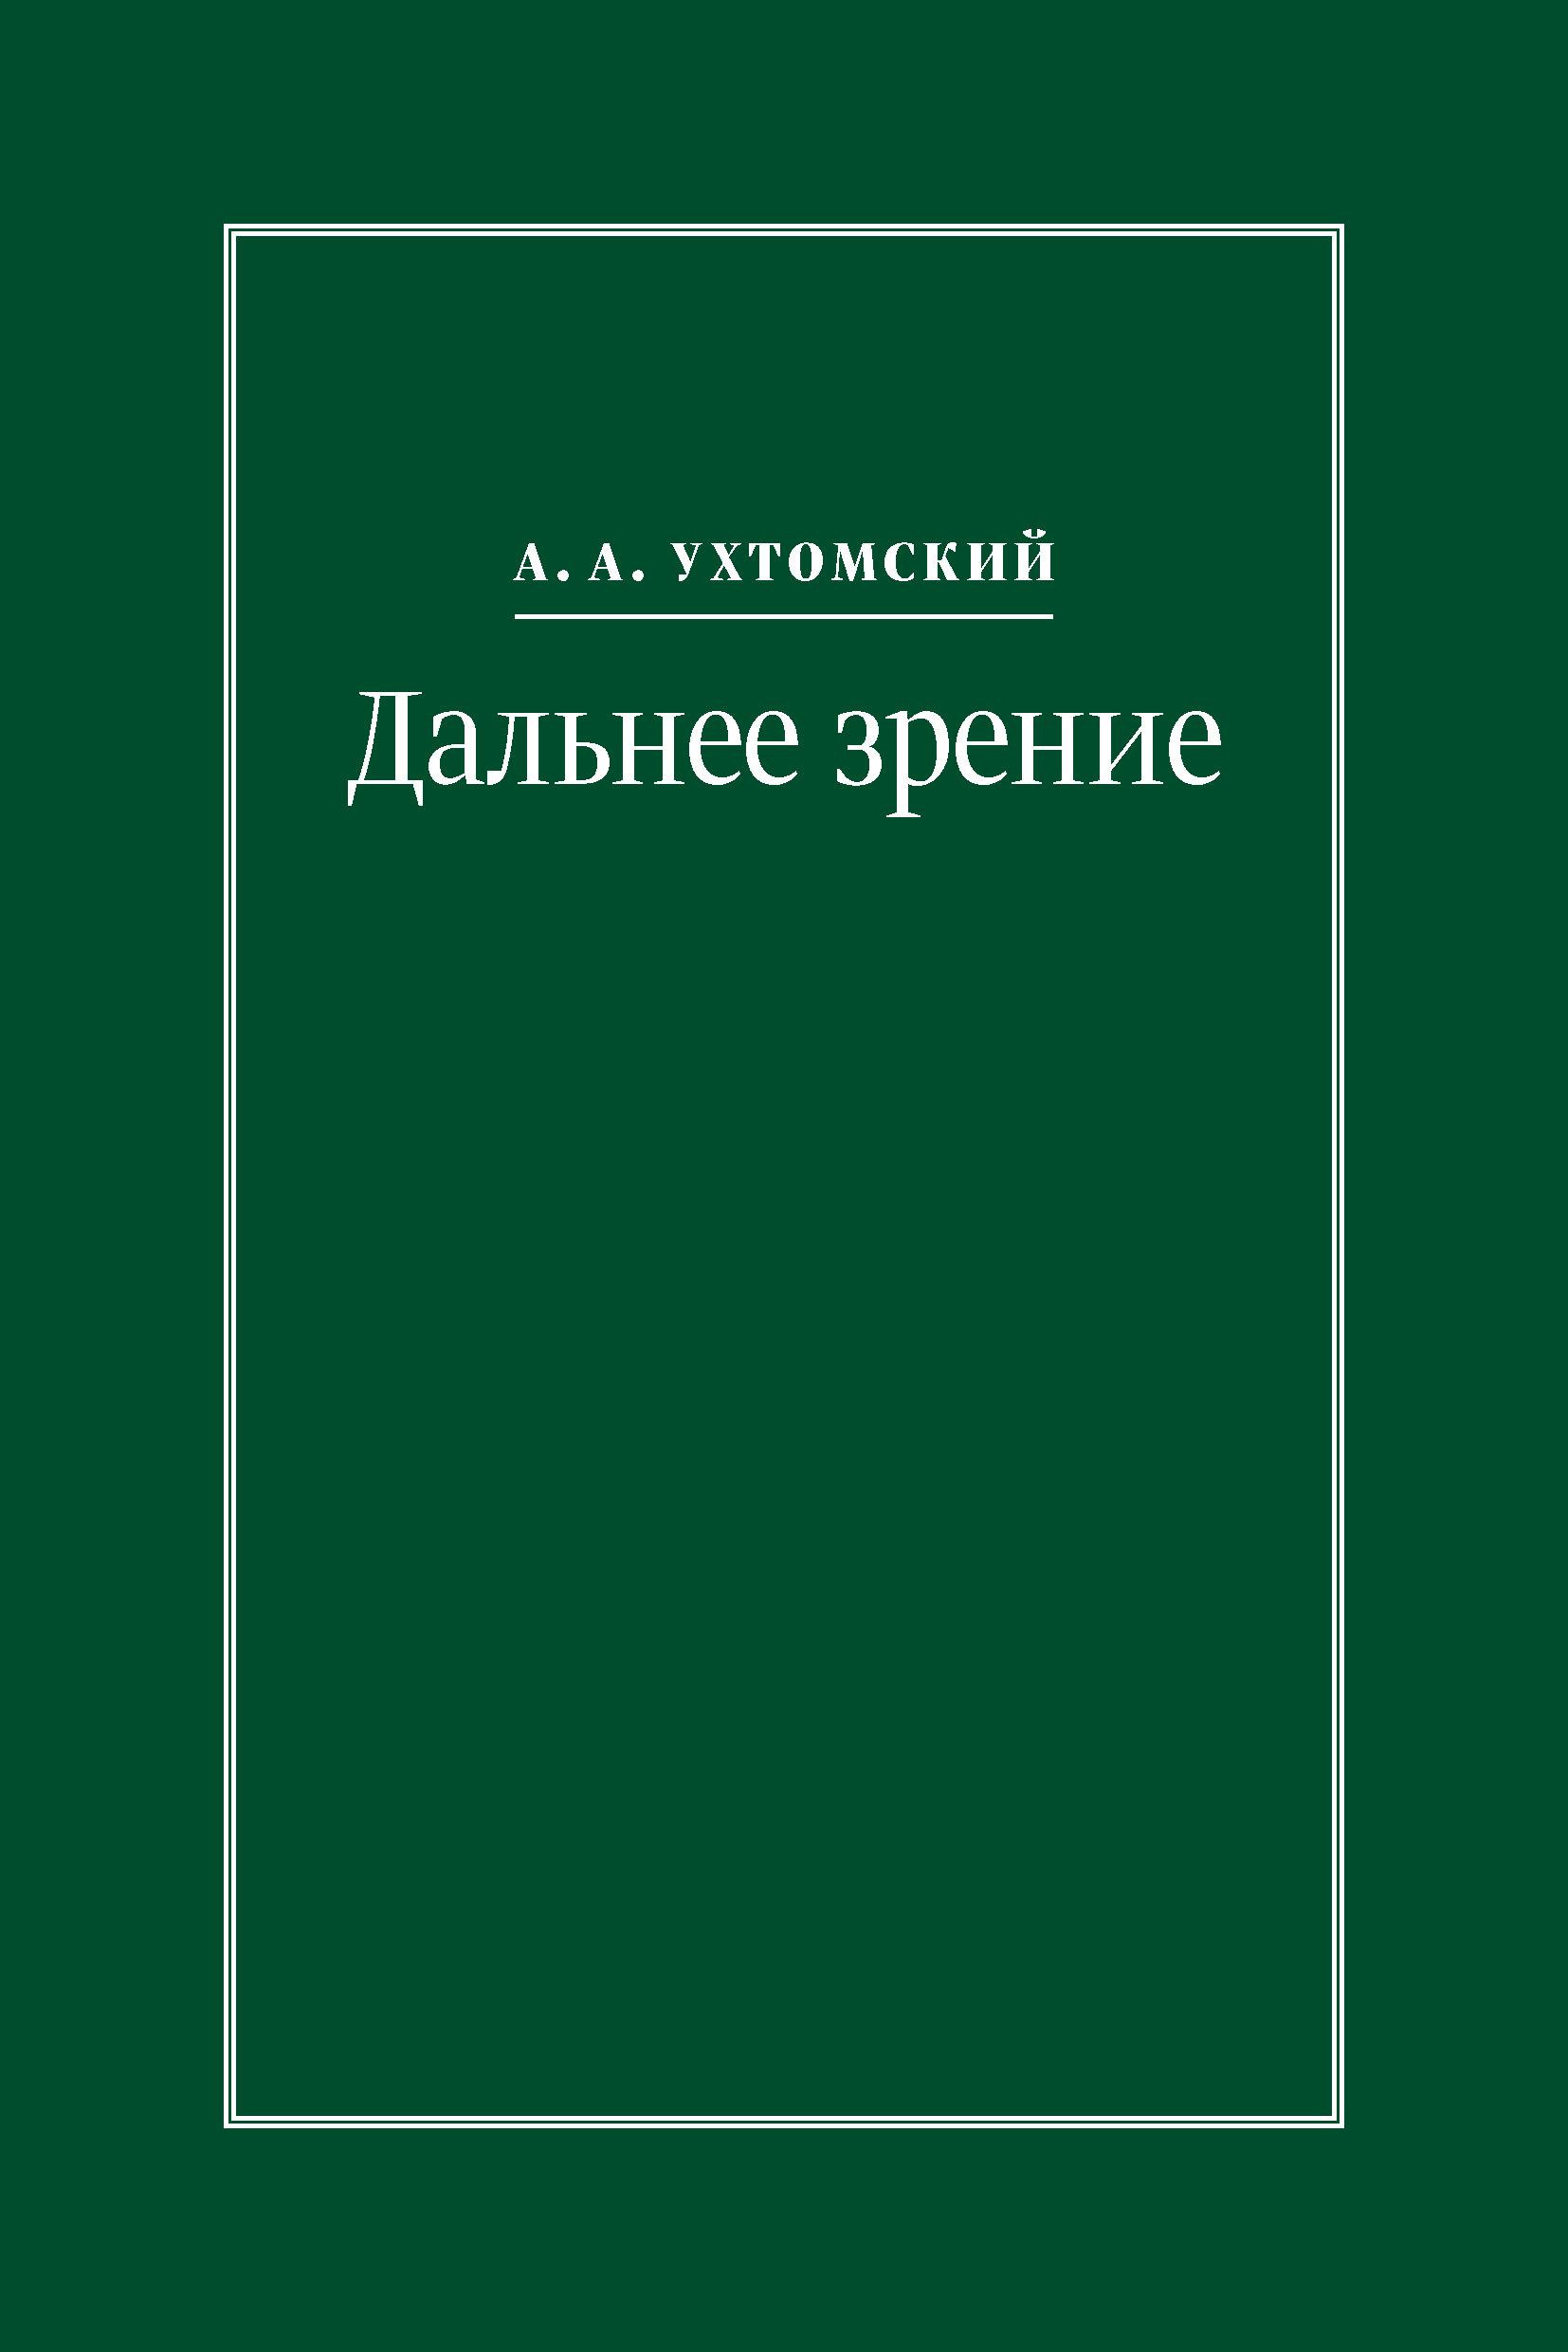 Алексей Ухтомский Дальнее зрение. Из записных книжек (1896–1941)